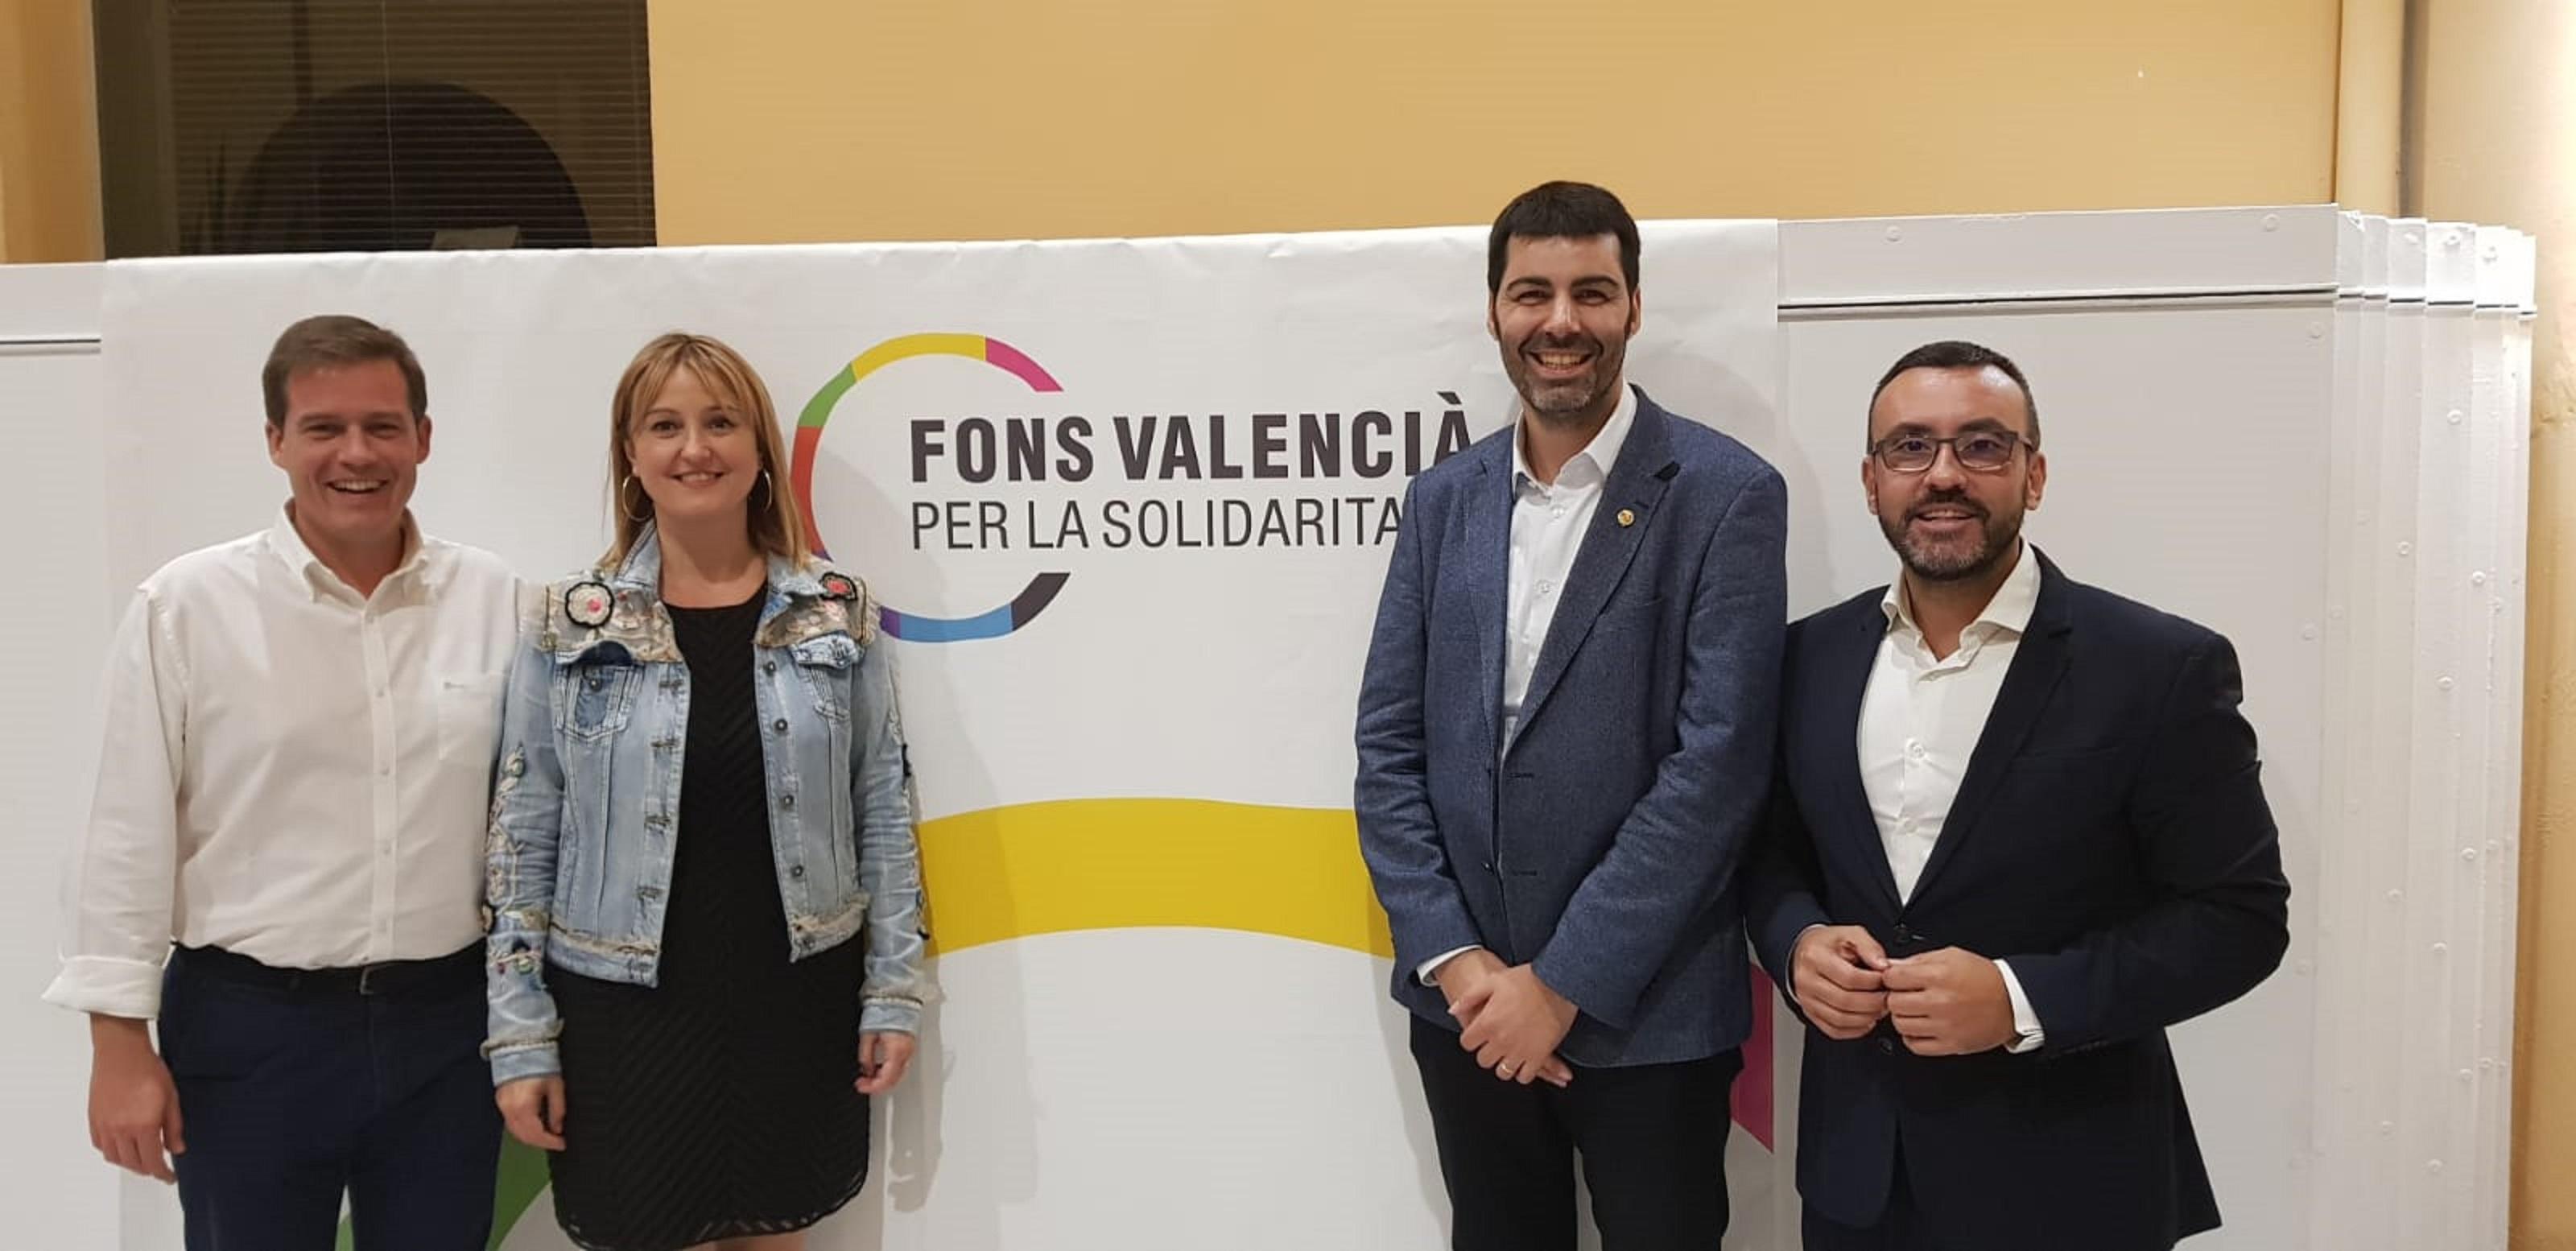 Vila-real asume la presidencia del Fons Valencià per la Solidaritat.